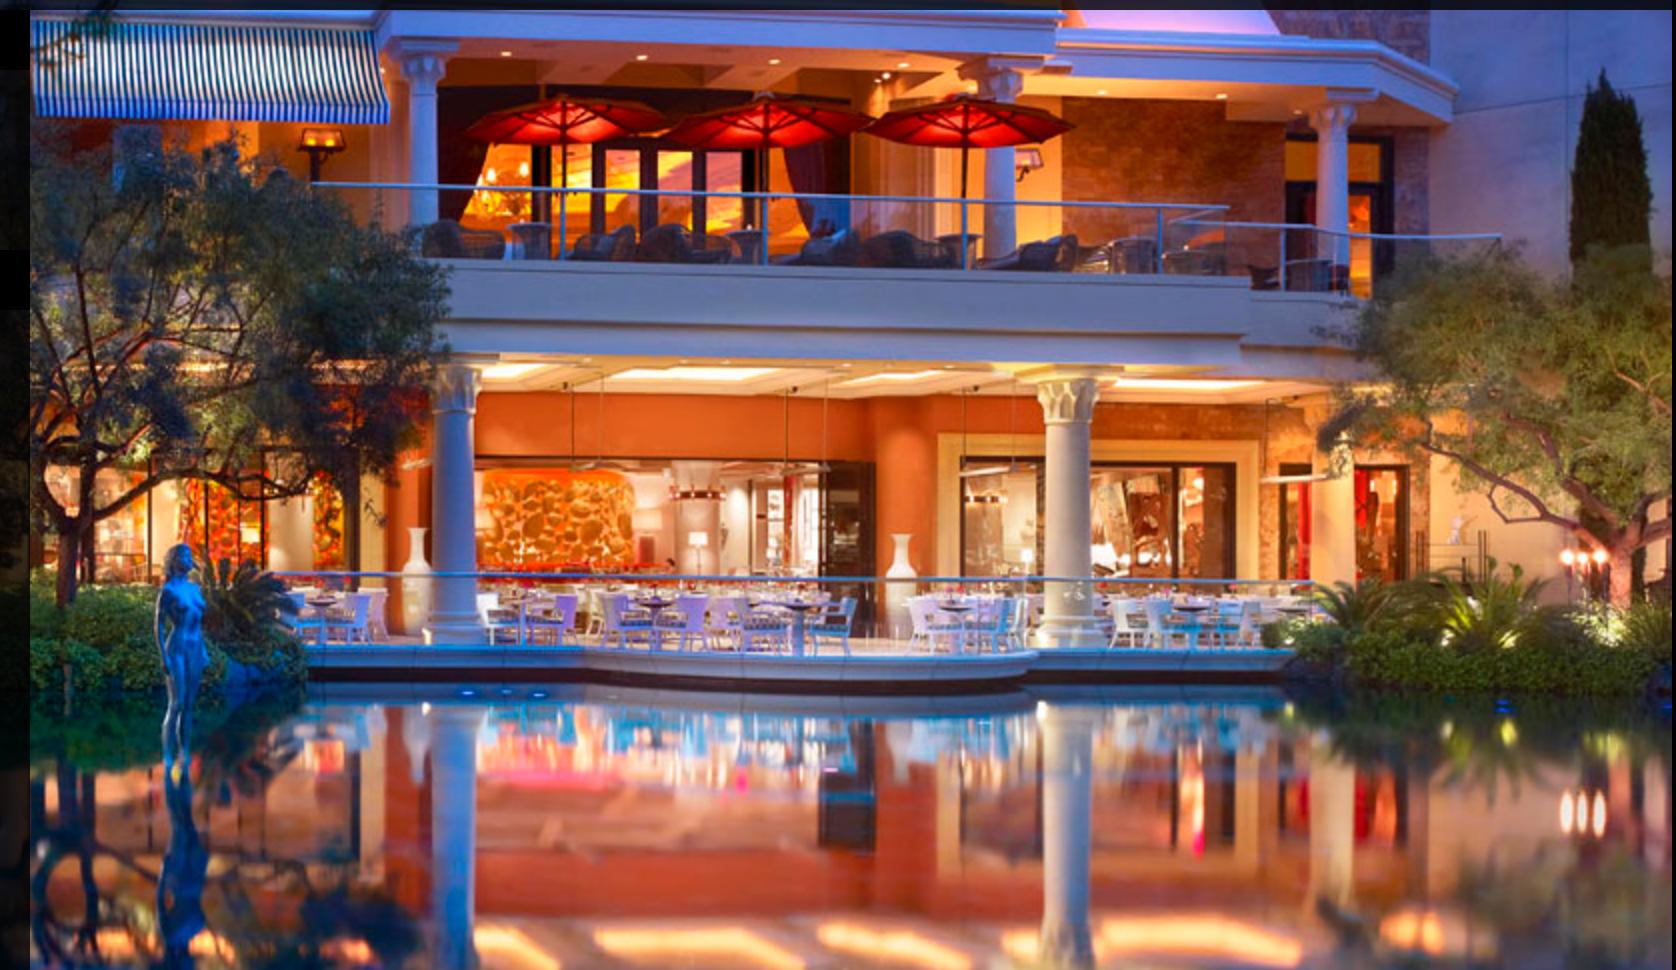 restaurante junto al lago wynn